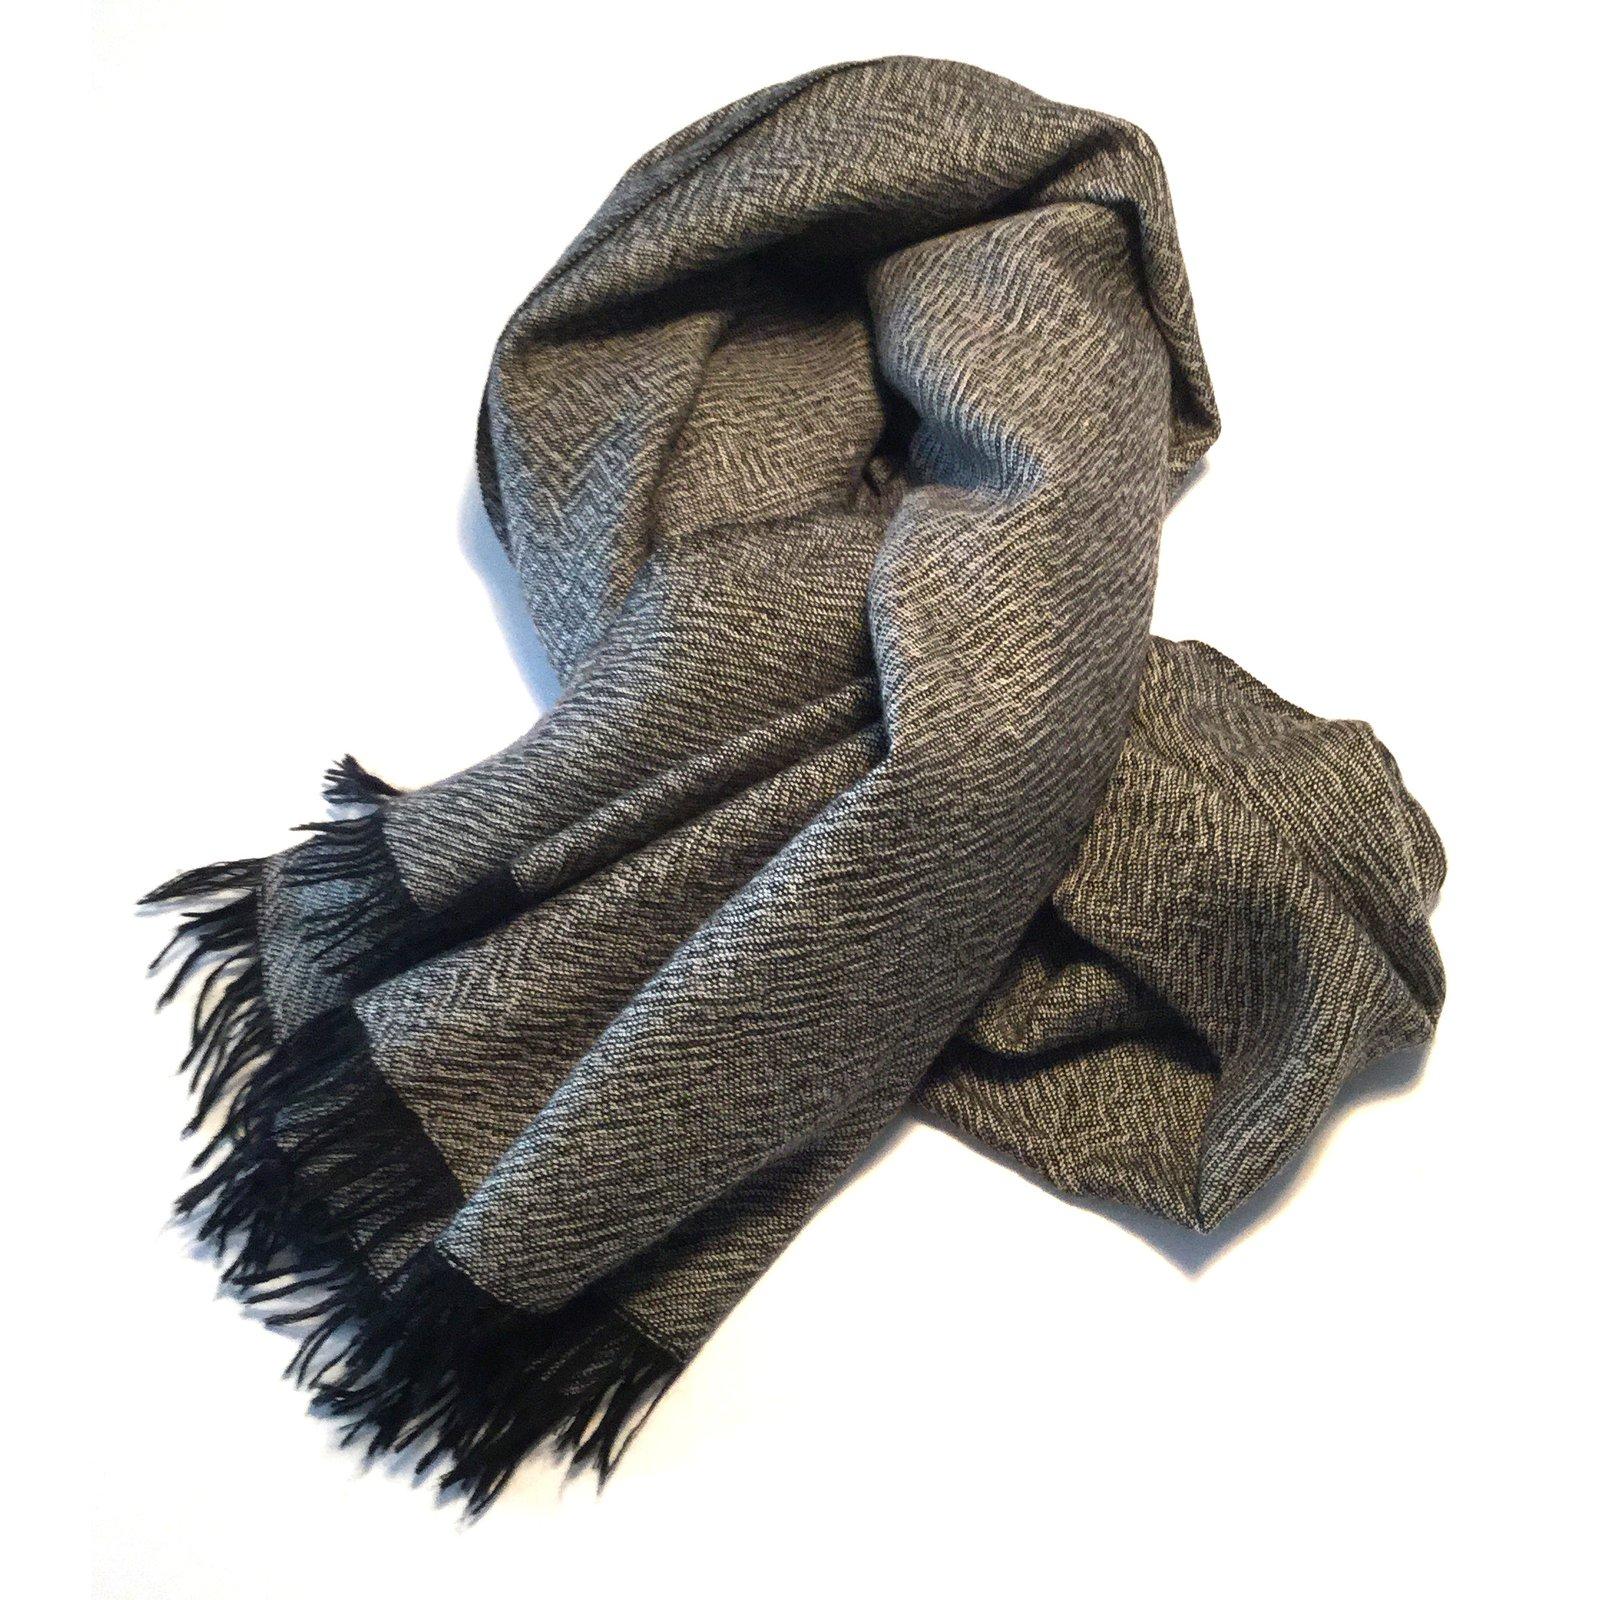 Eric bompard echarpe - Idée pour s habiller d0130330e80